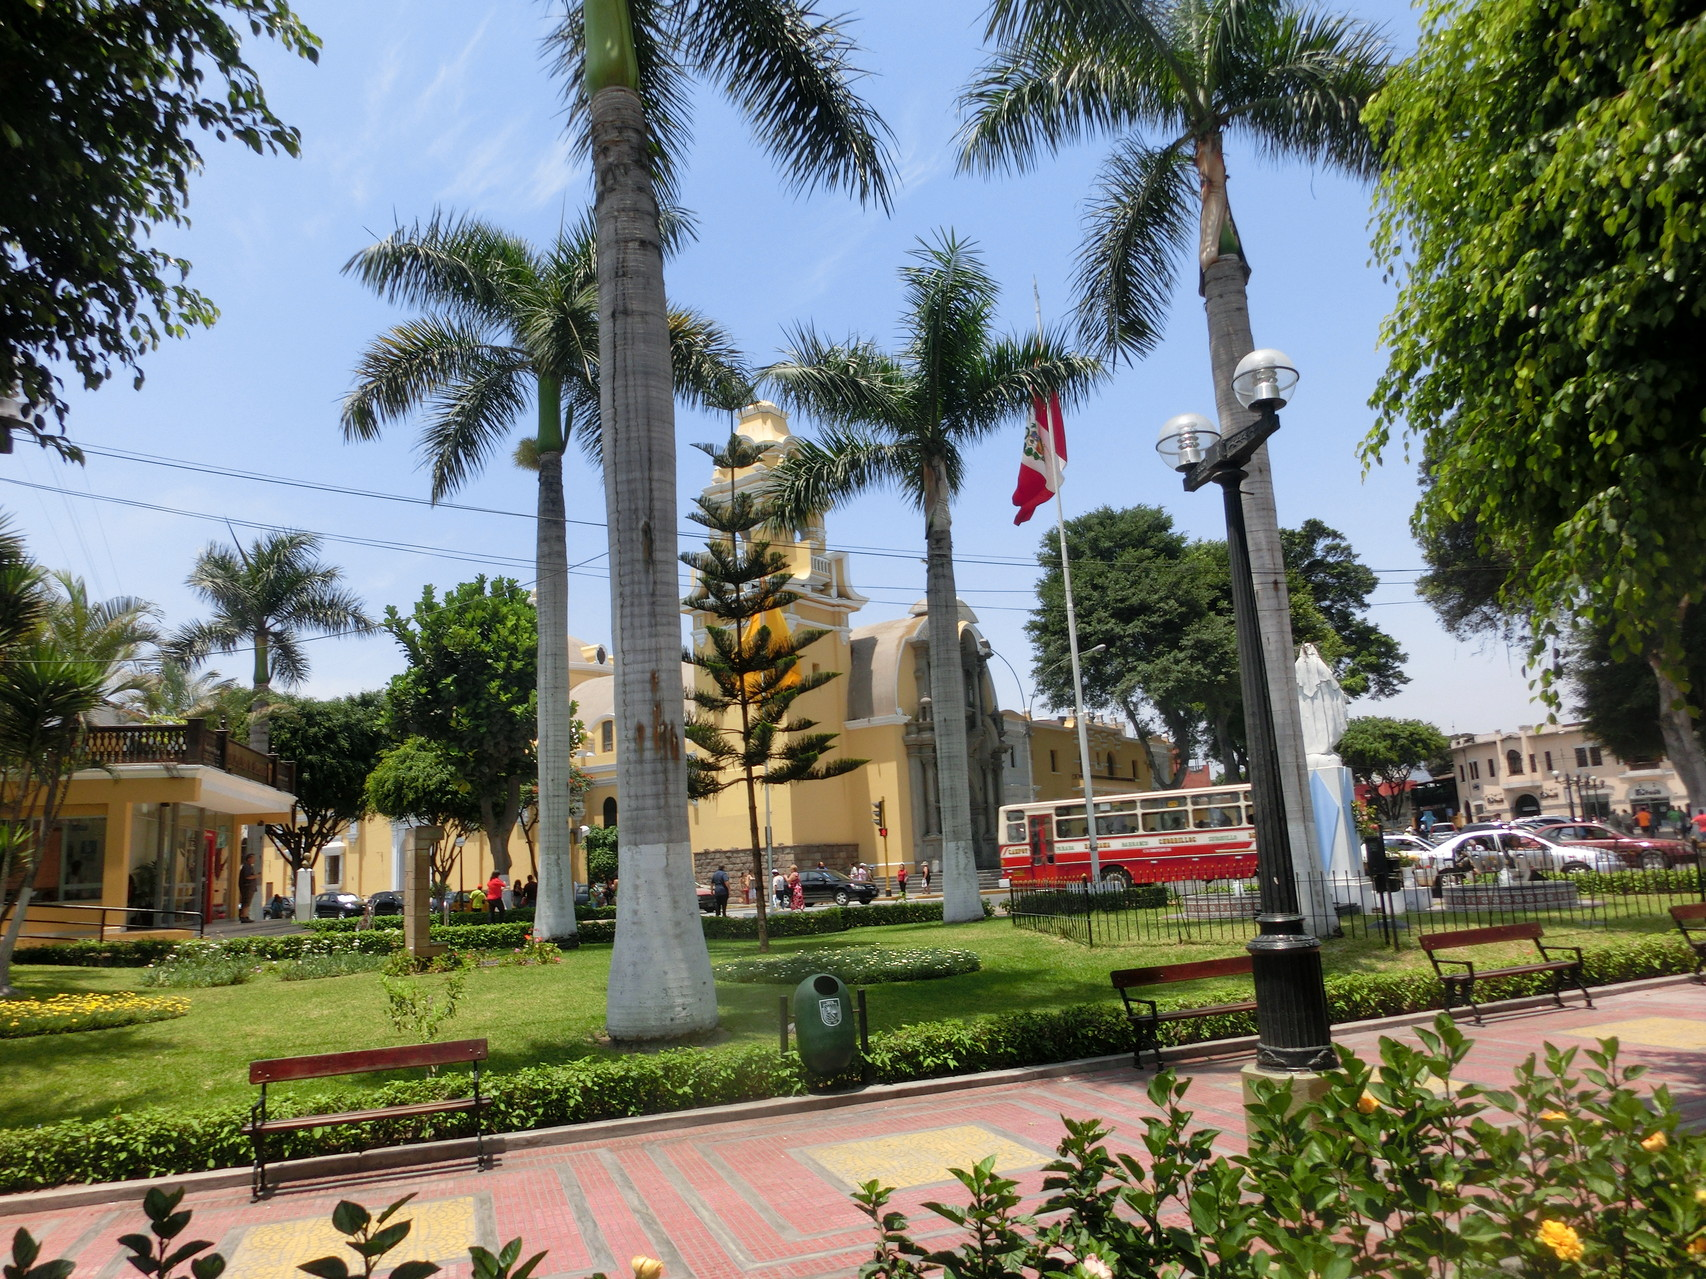 Die Plaza in Barranco